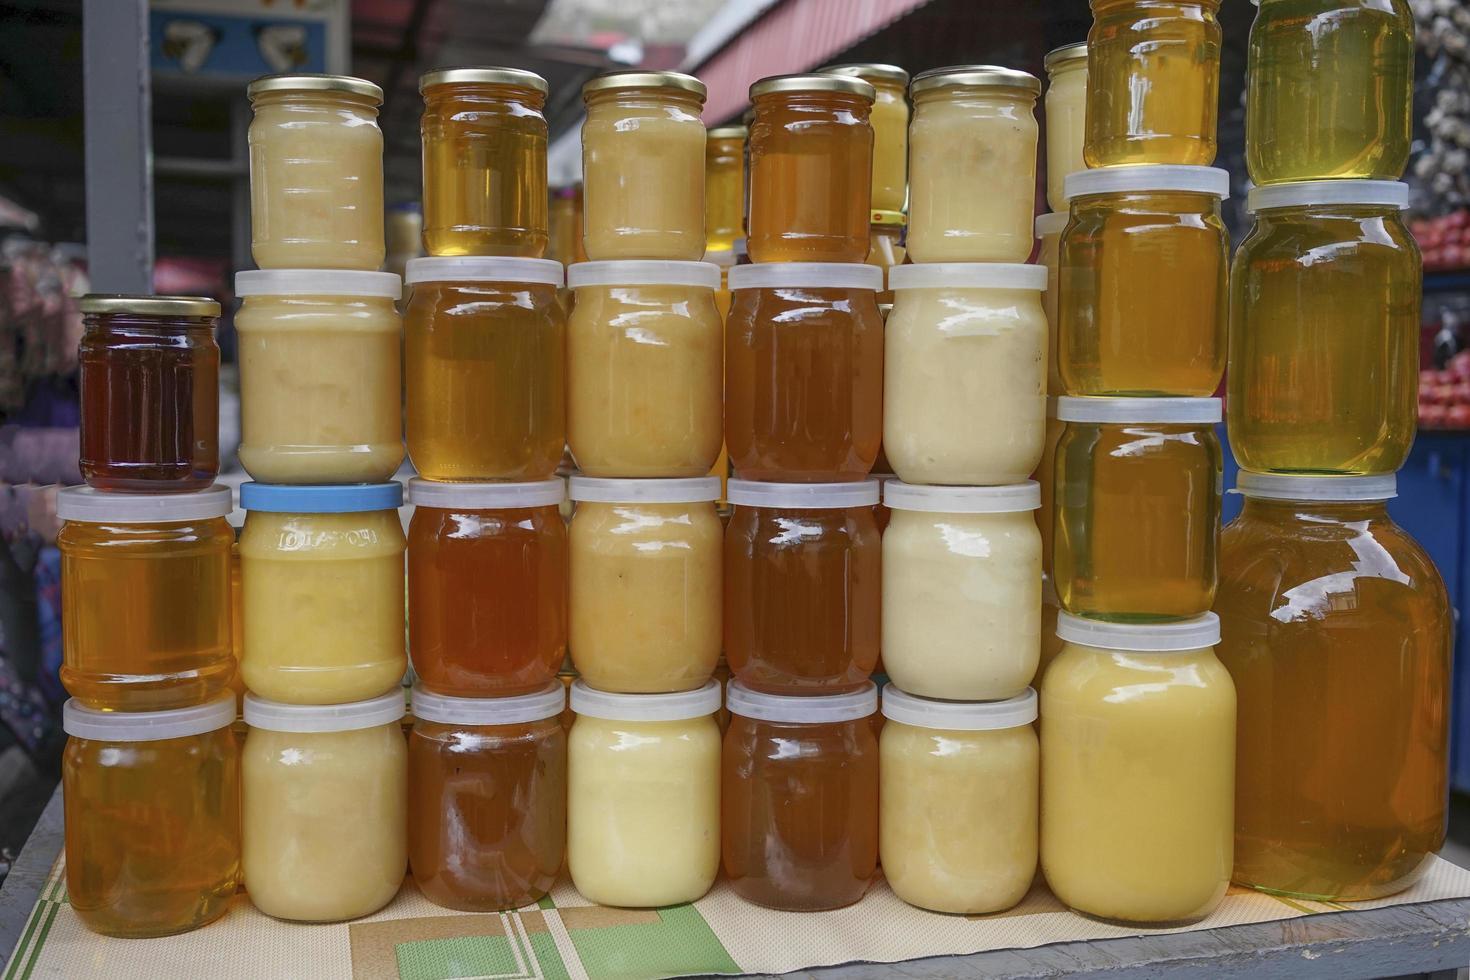 honung av olika färg i banker på en disk till salu. foto